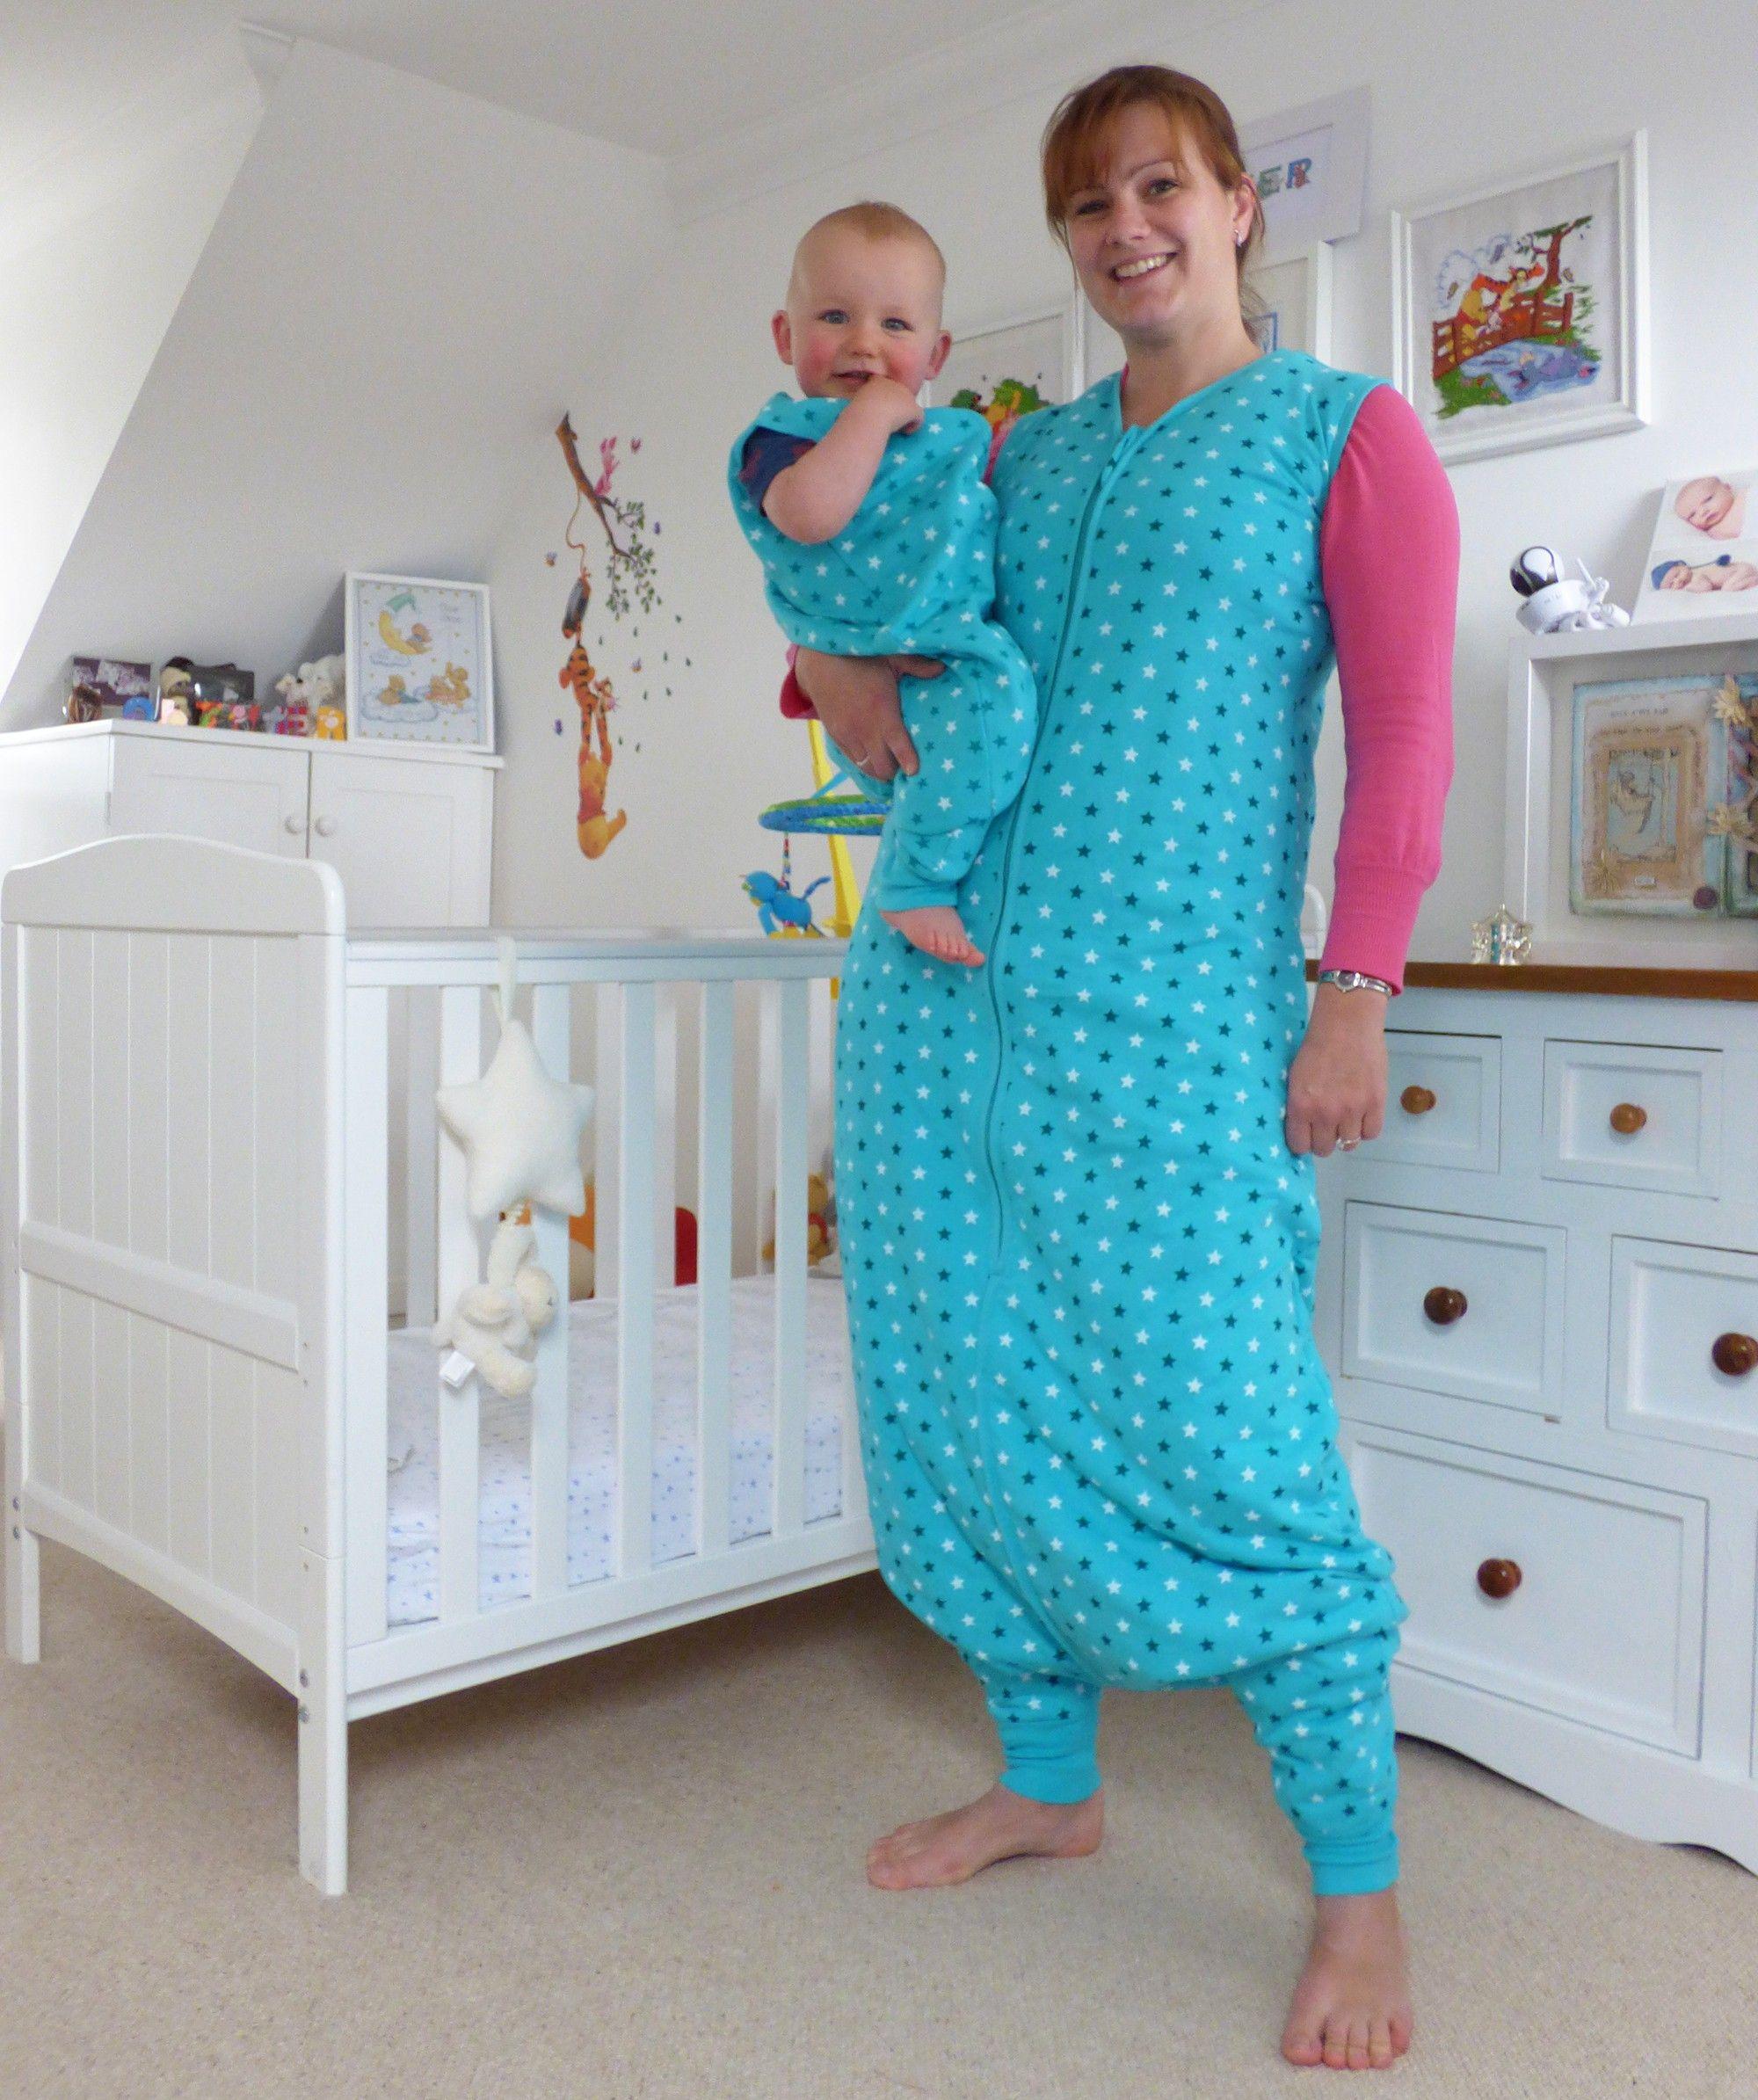 schlafsack mit f en teal stars f r erwachsene hilfsmittel aller art pinterest schlafsack. Black Bedroom Furniture Sets. Home Design Ideas